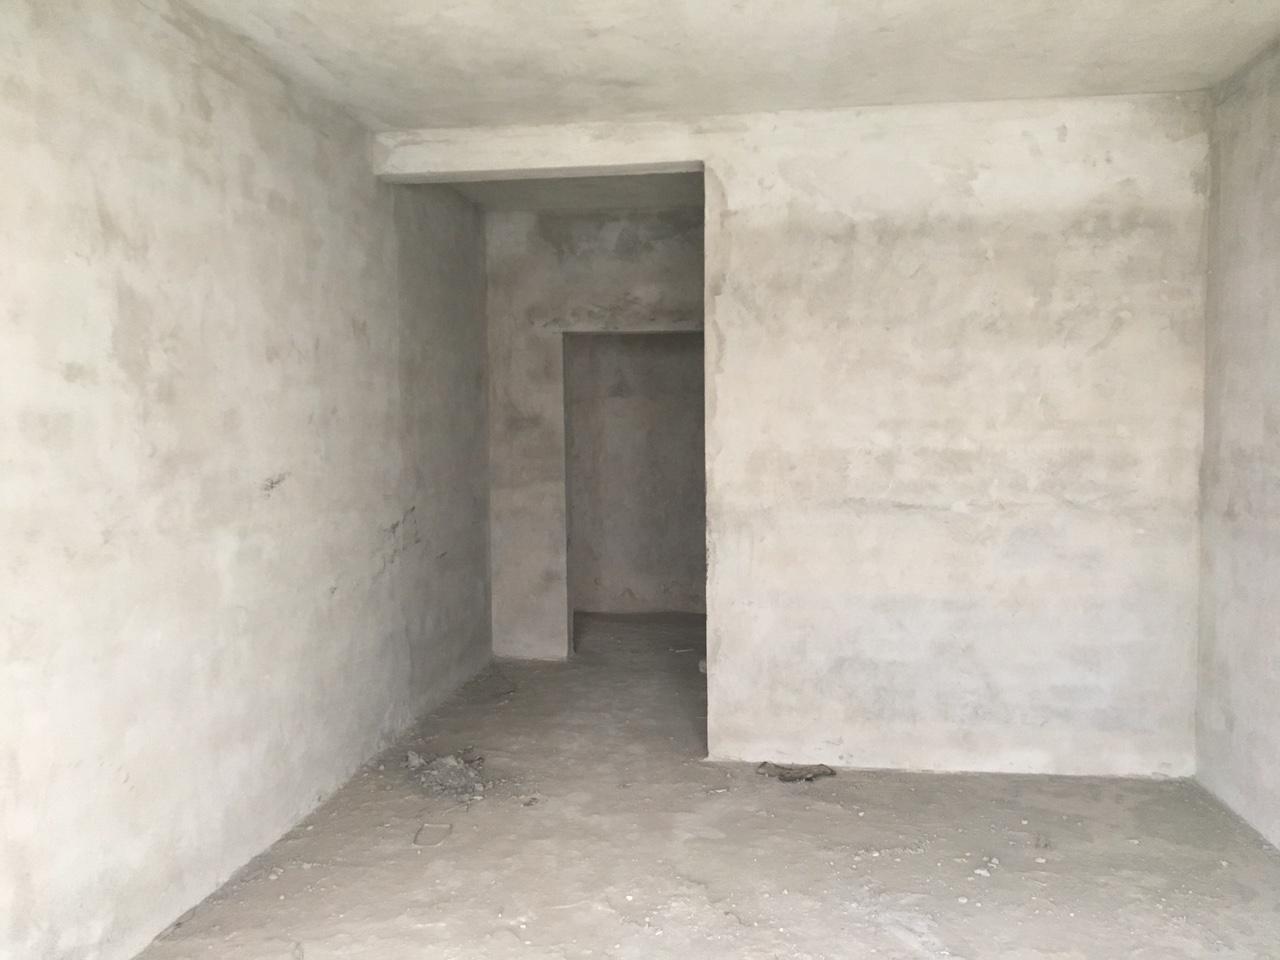 君馨苑3室2厅2卫52万元